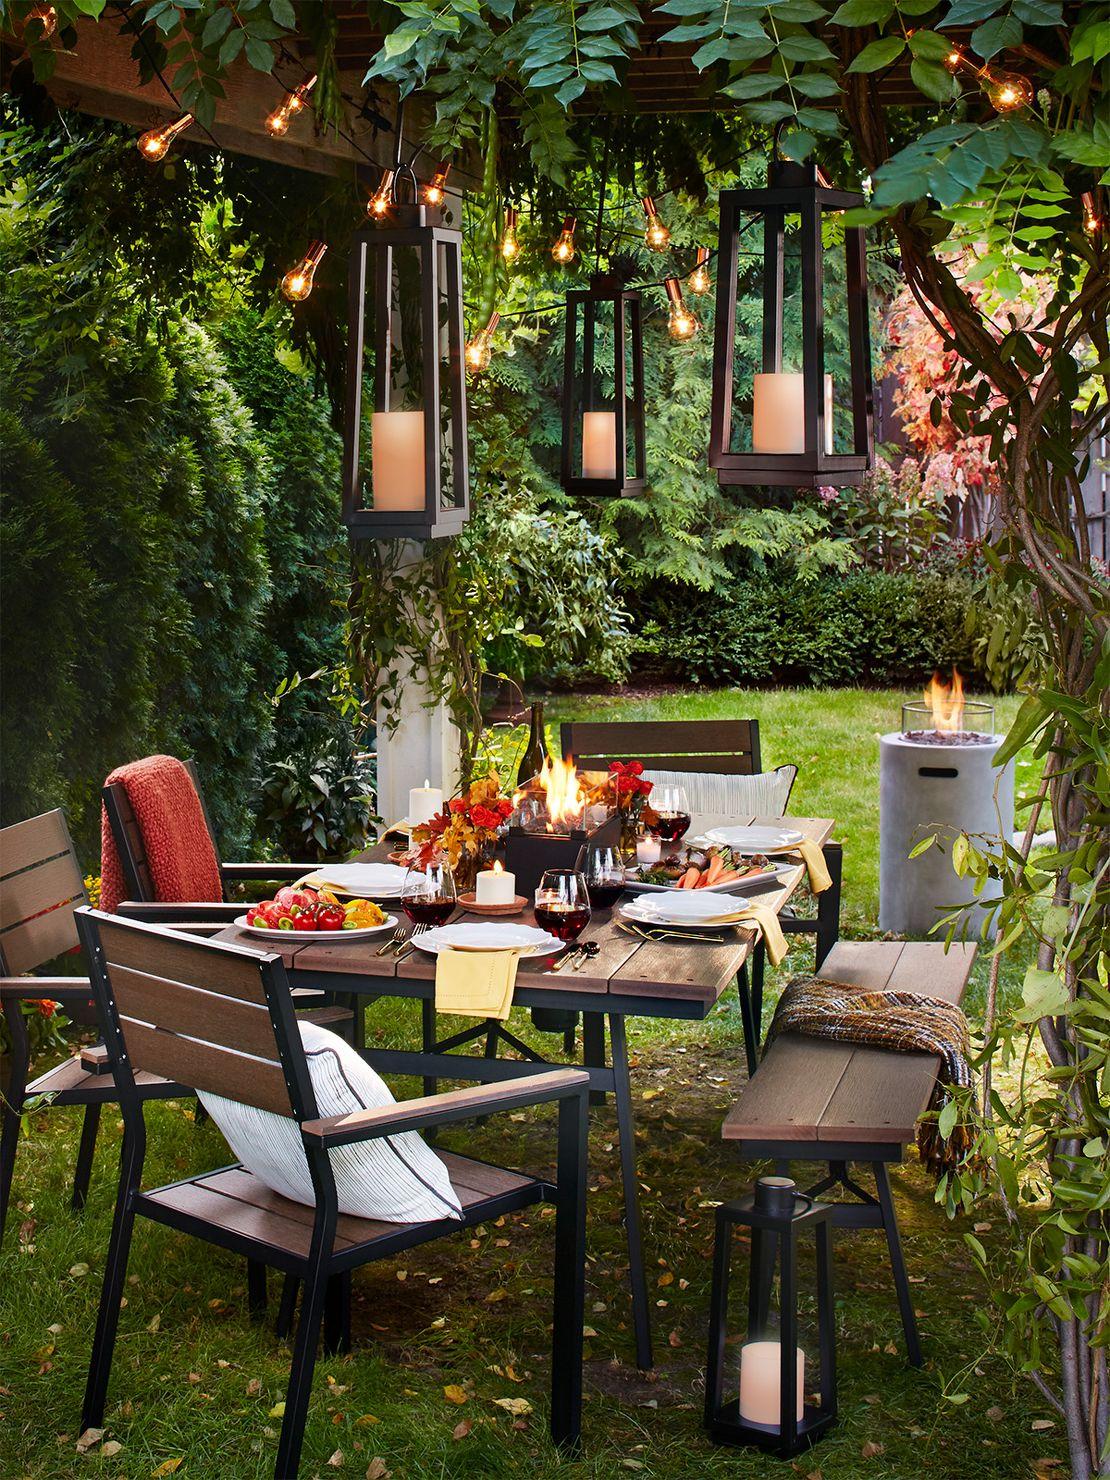 Patio Furniture Target - Restaurant patio furniture